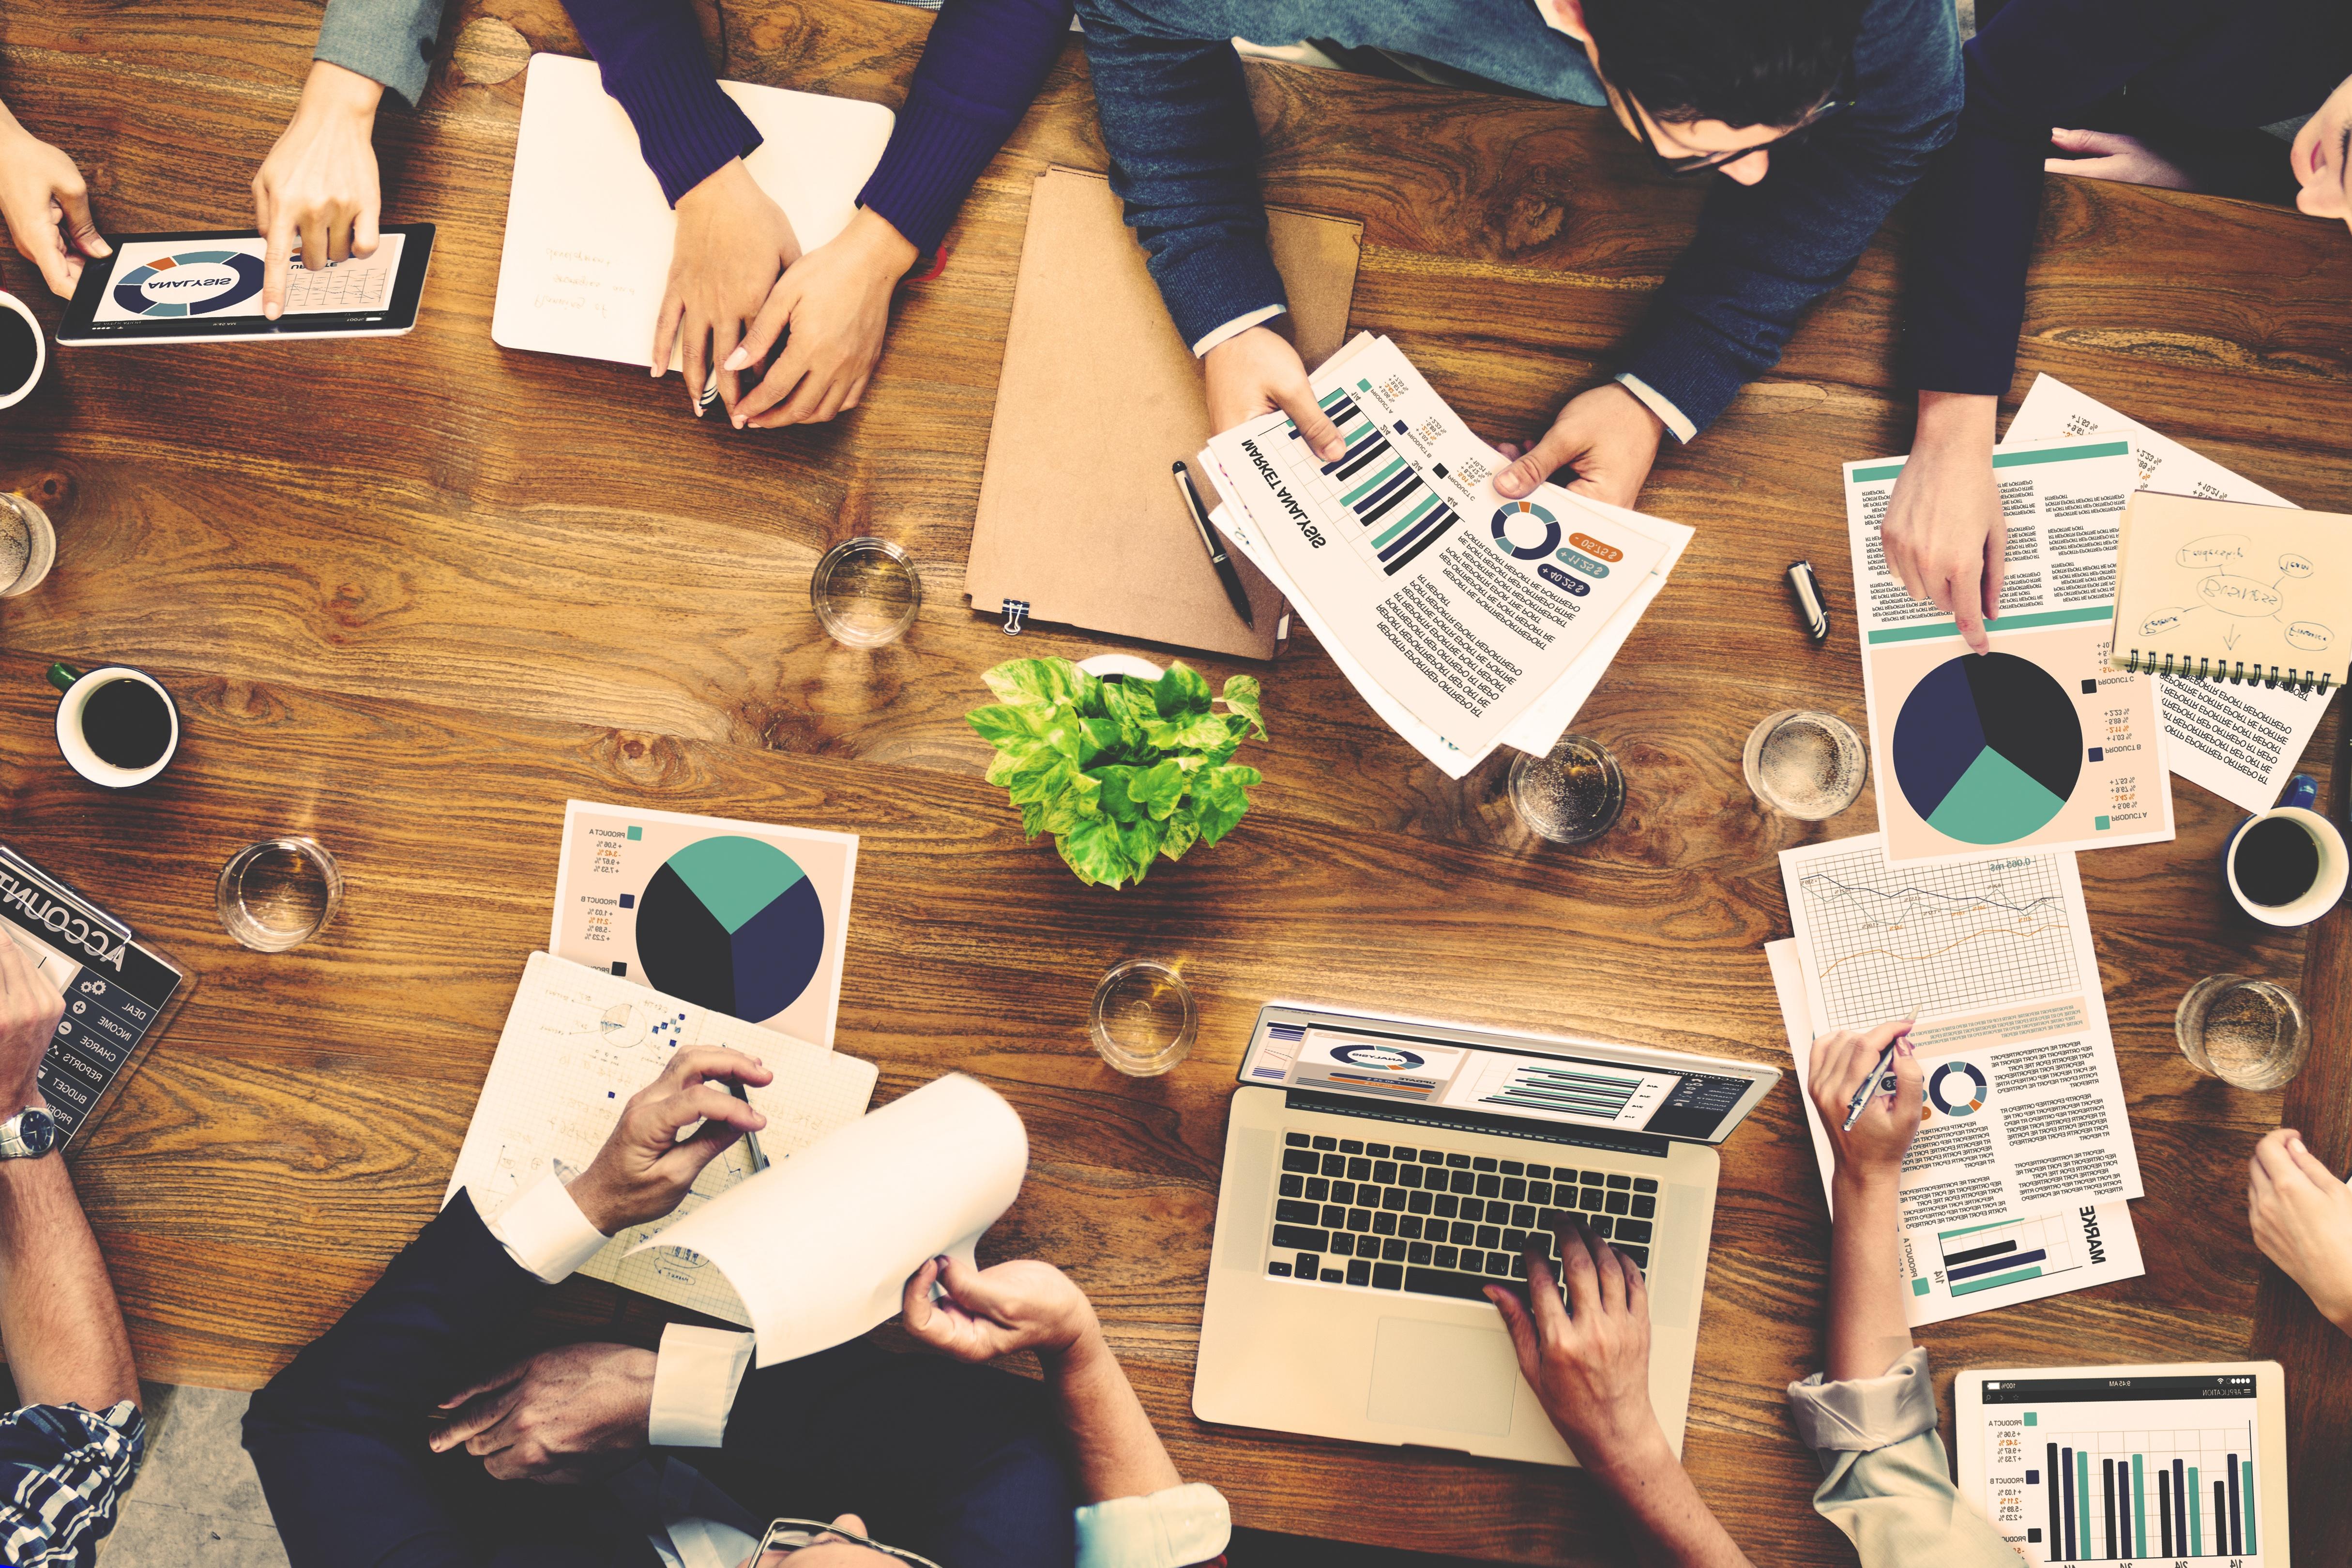 I termini inglesi che devi conoscere se lavori nel marketing - Wall Street English